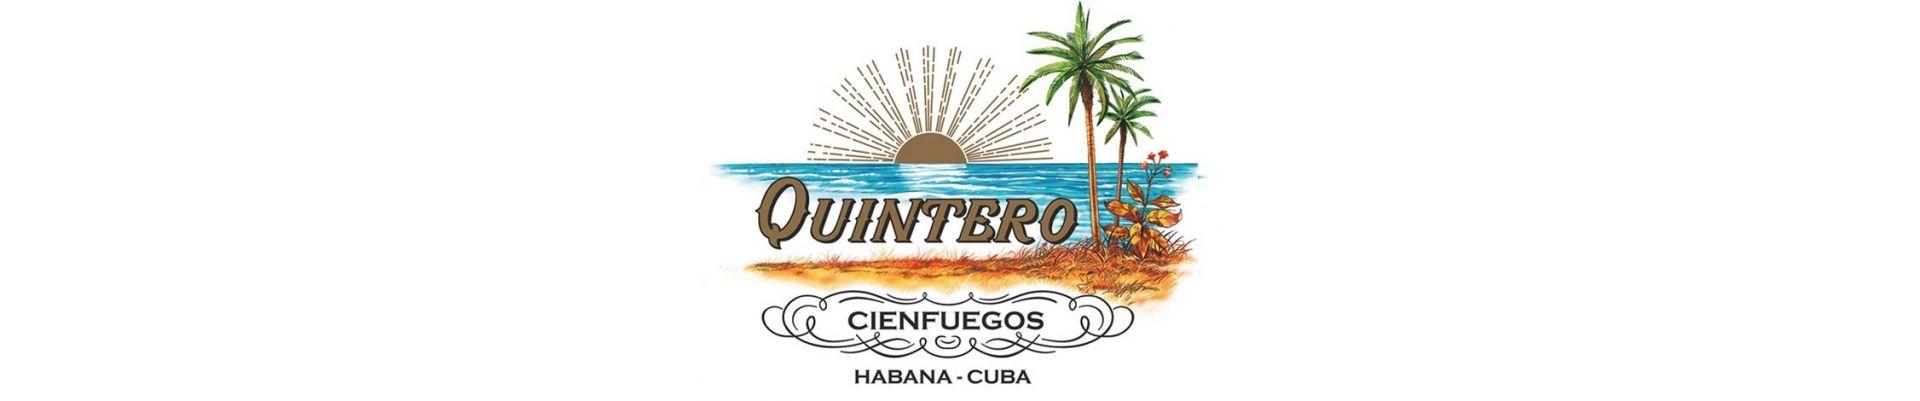 Trabucuri Quintero trabuc Quintero panatela Quintero Panetelas.